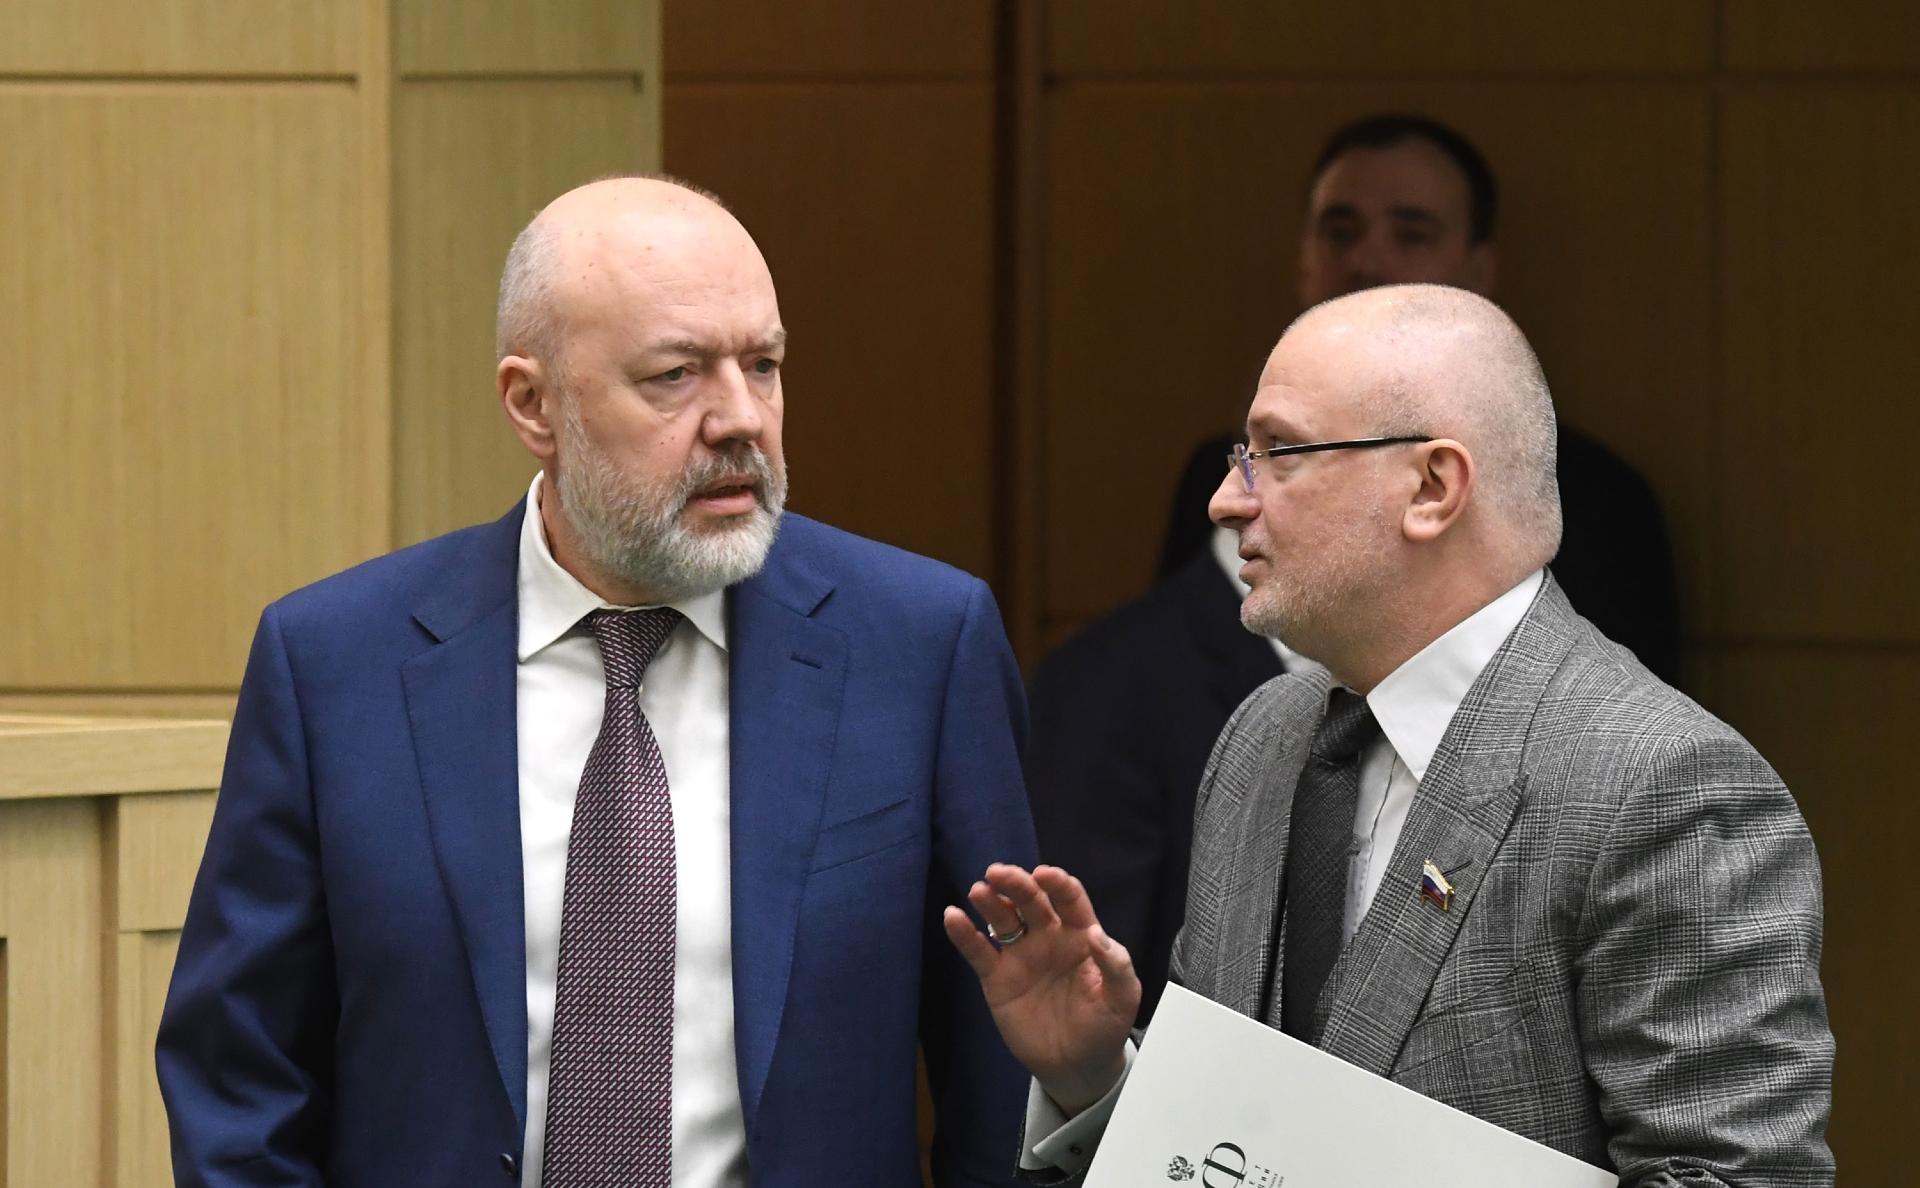 Павел Крашенинников (слева) и Андрей Клишас